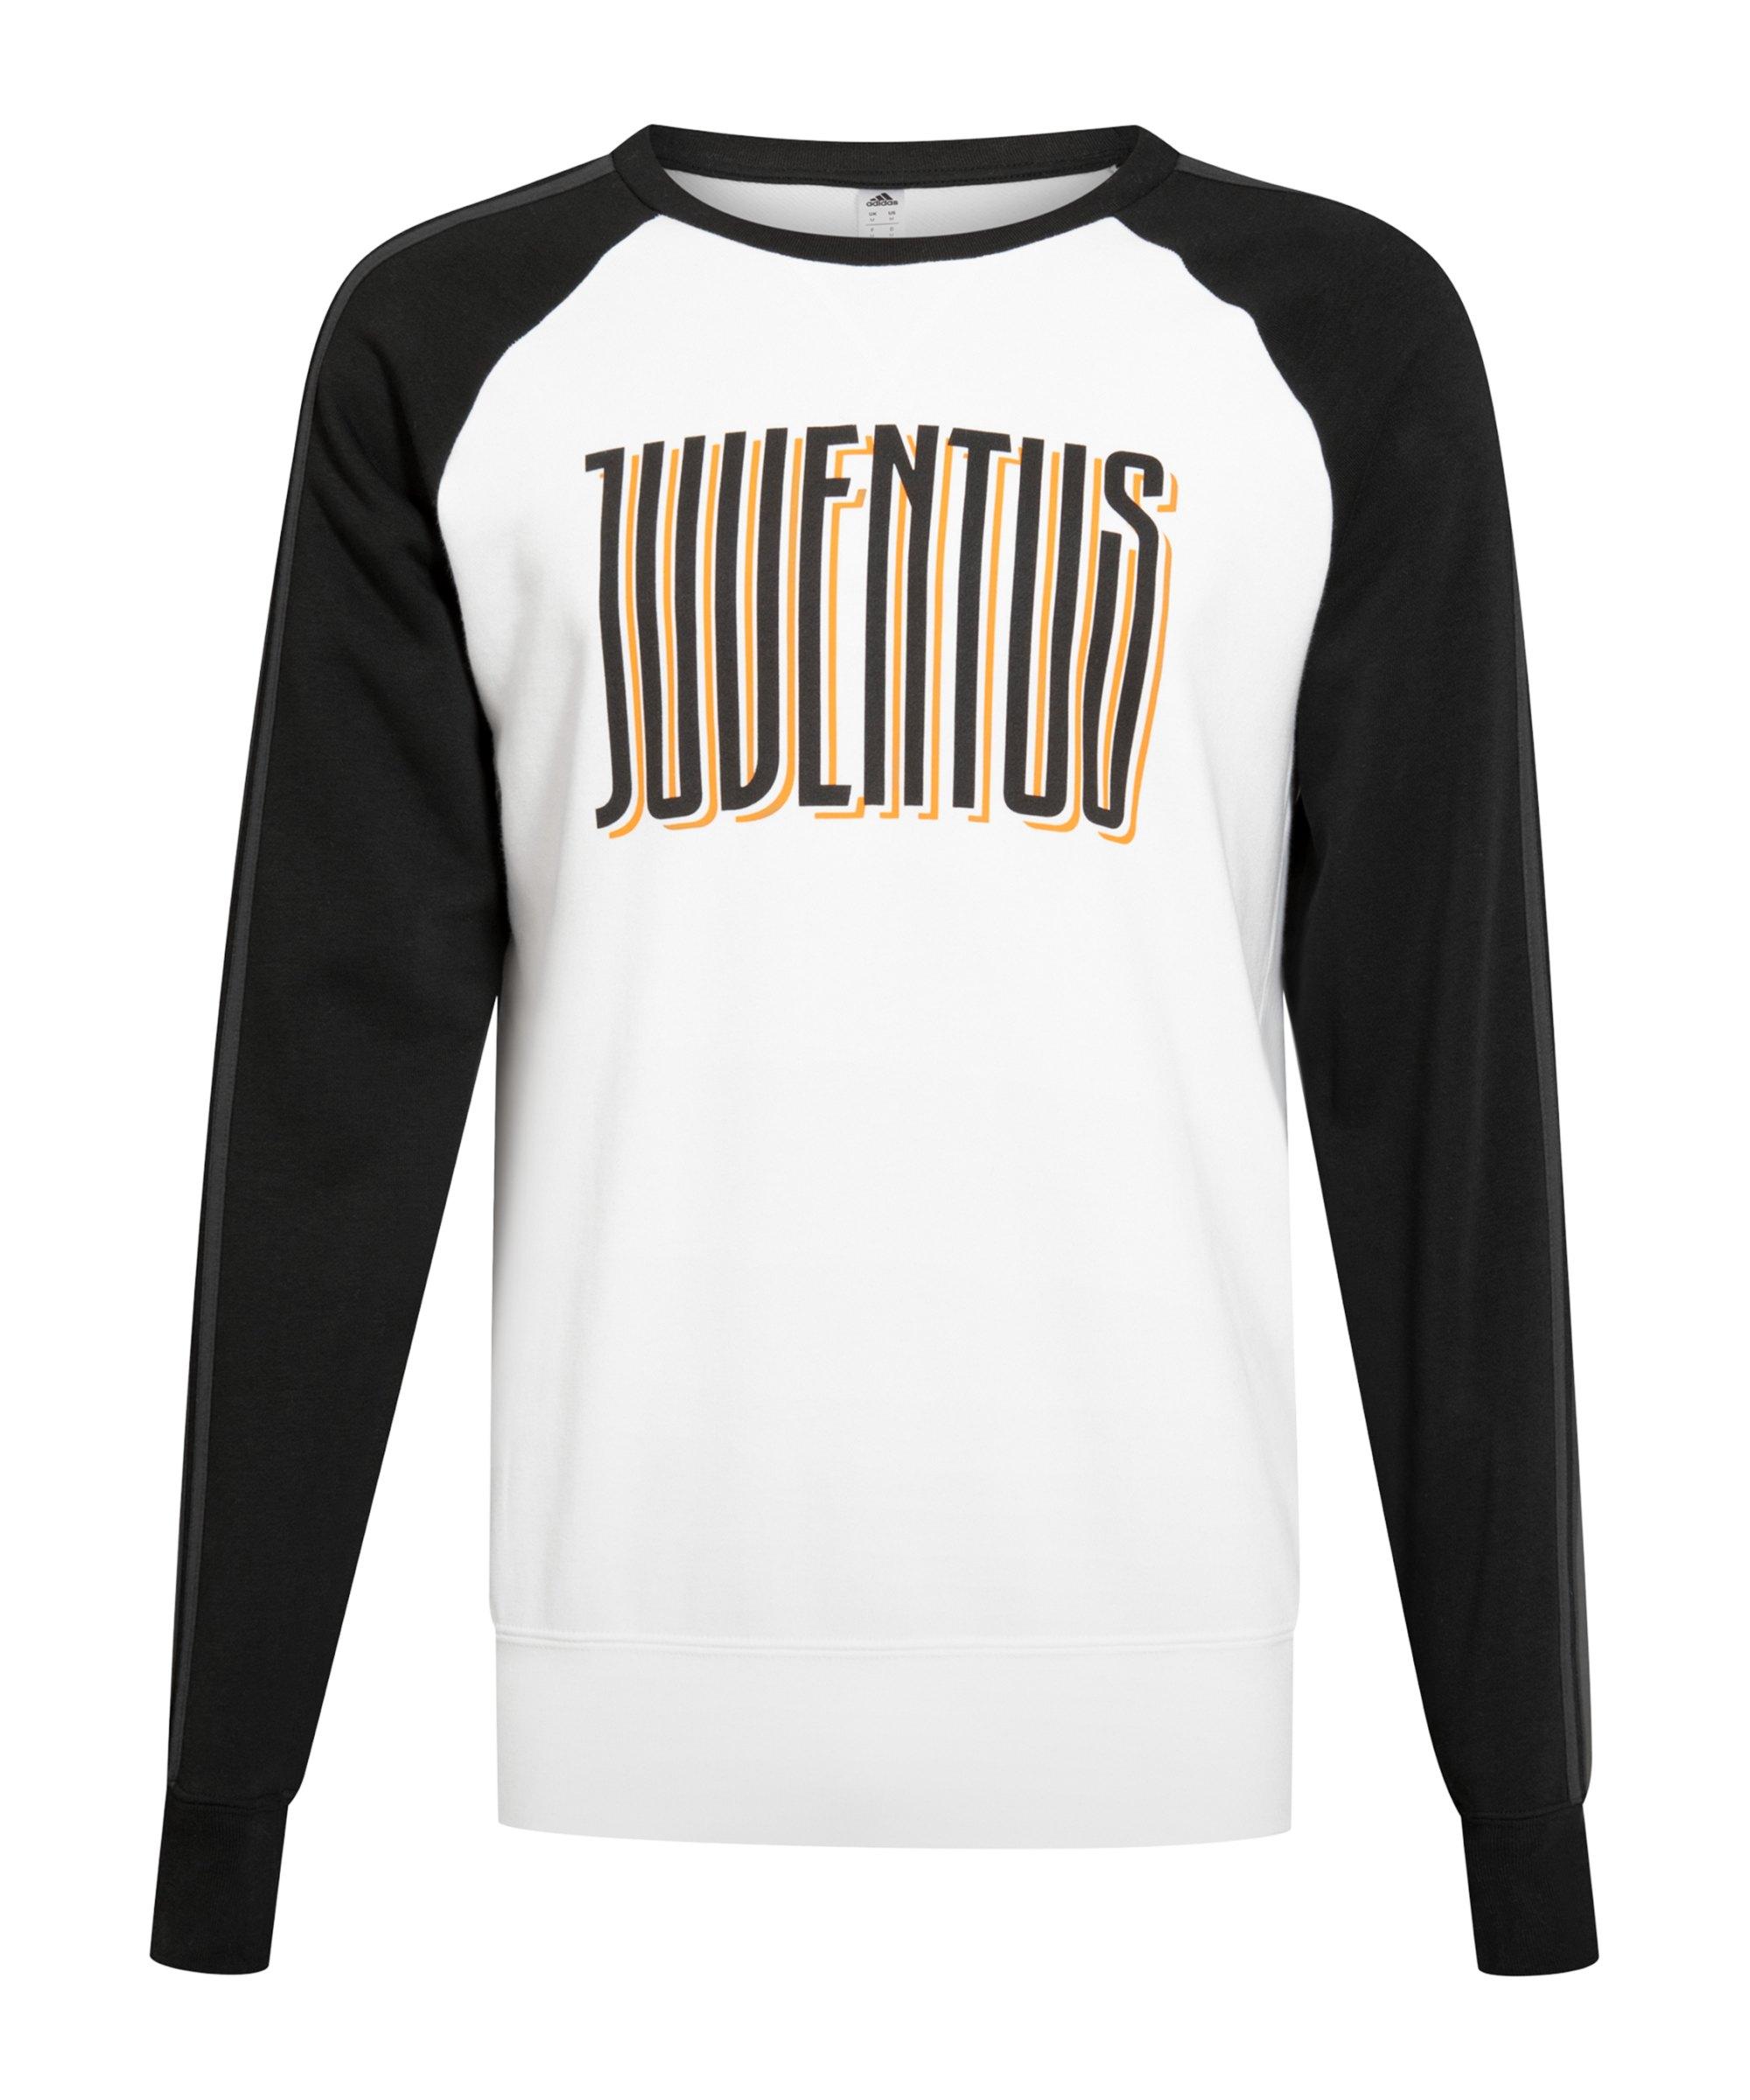 adidas Juventus Turin Crew Sweatshirt Schwarz - weiss